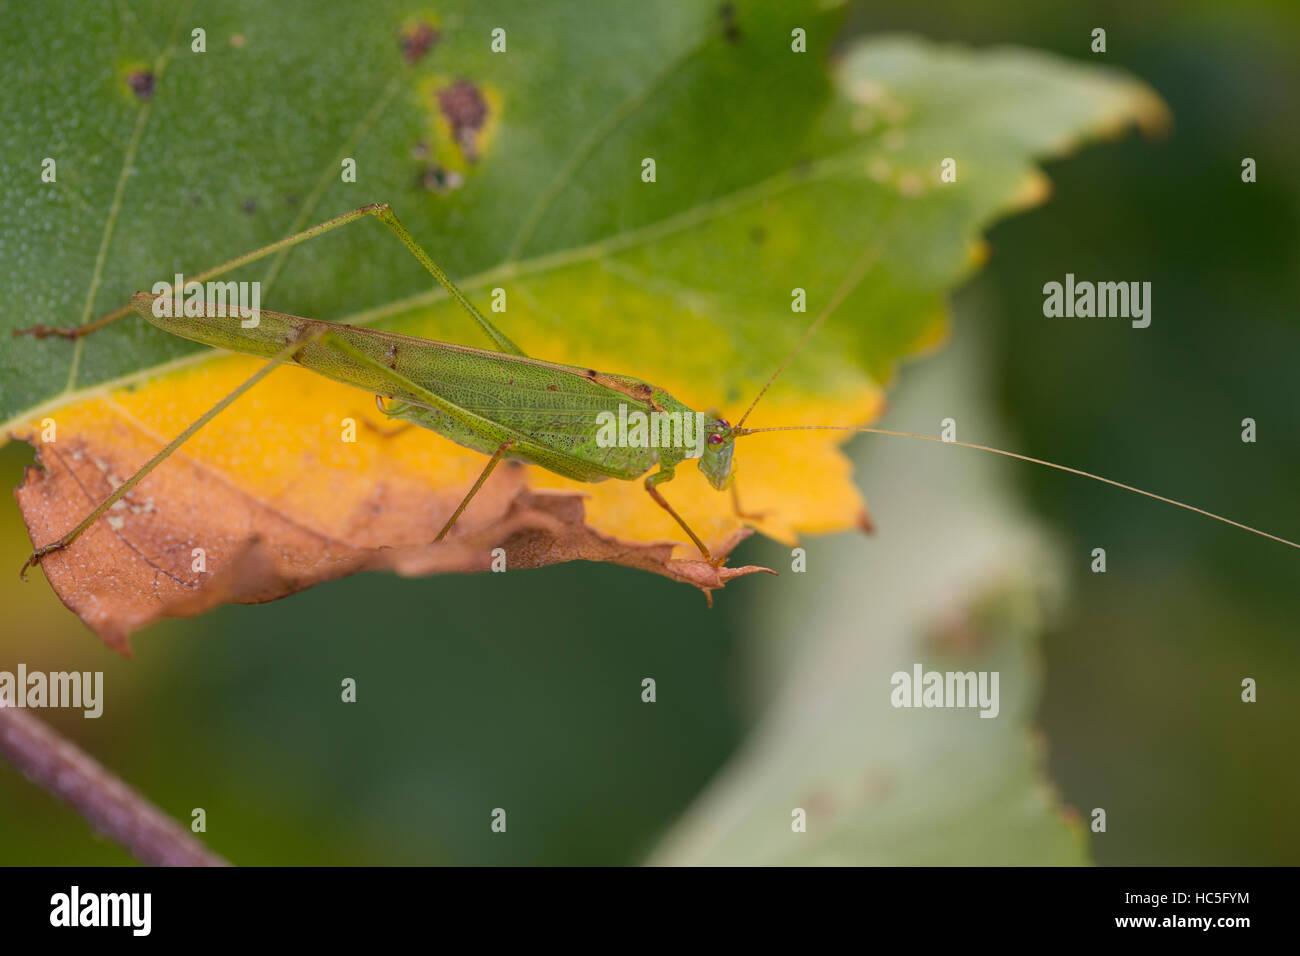 Gemeine Sichelschrecke, Männchen, Phaneroptera falcata, Sickle-bearing Bush-cricket, Sickle-bearing Bush cricket, - Stock Image